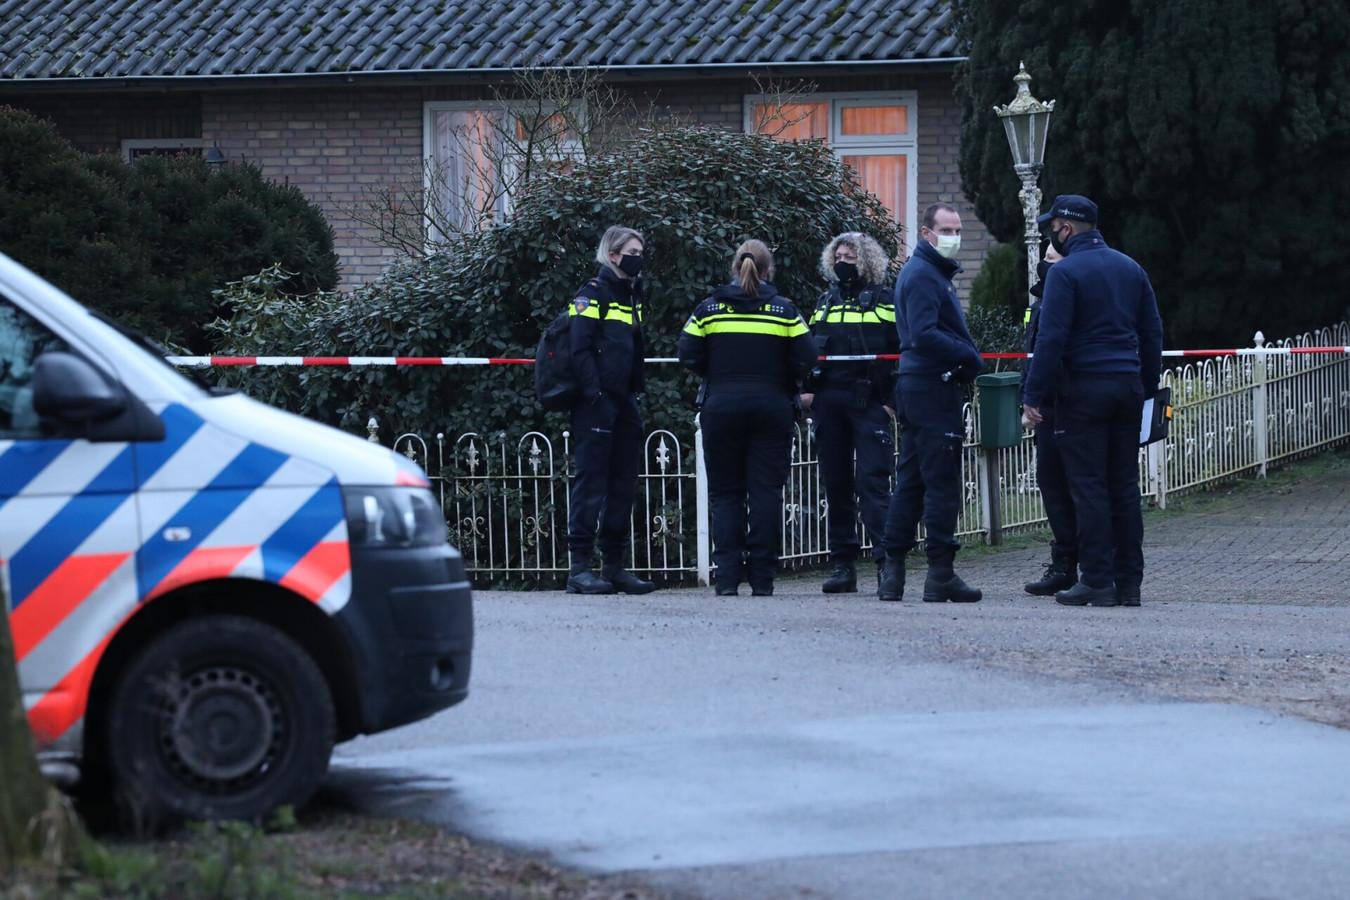 Politie zaterdagmiddag bij de woning aan de Oude Boomgaard in Boxtel waar het stoffelijk overschot van bewoner Henk van den Oetelaar is aangetroffen.